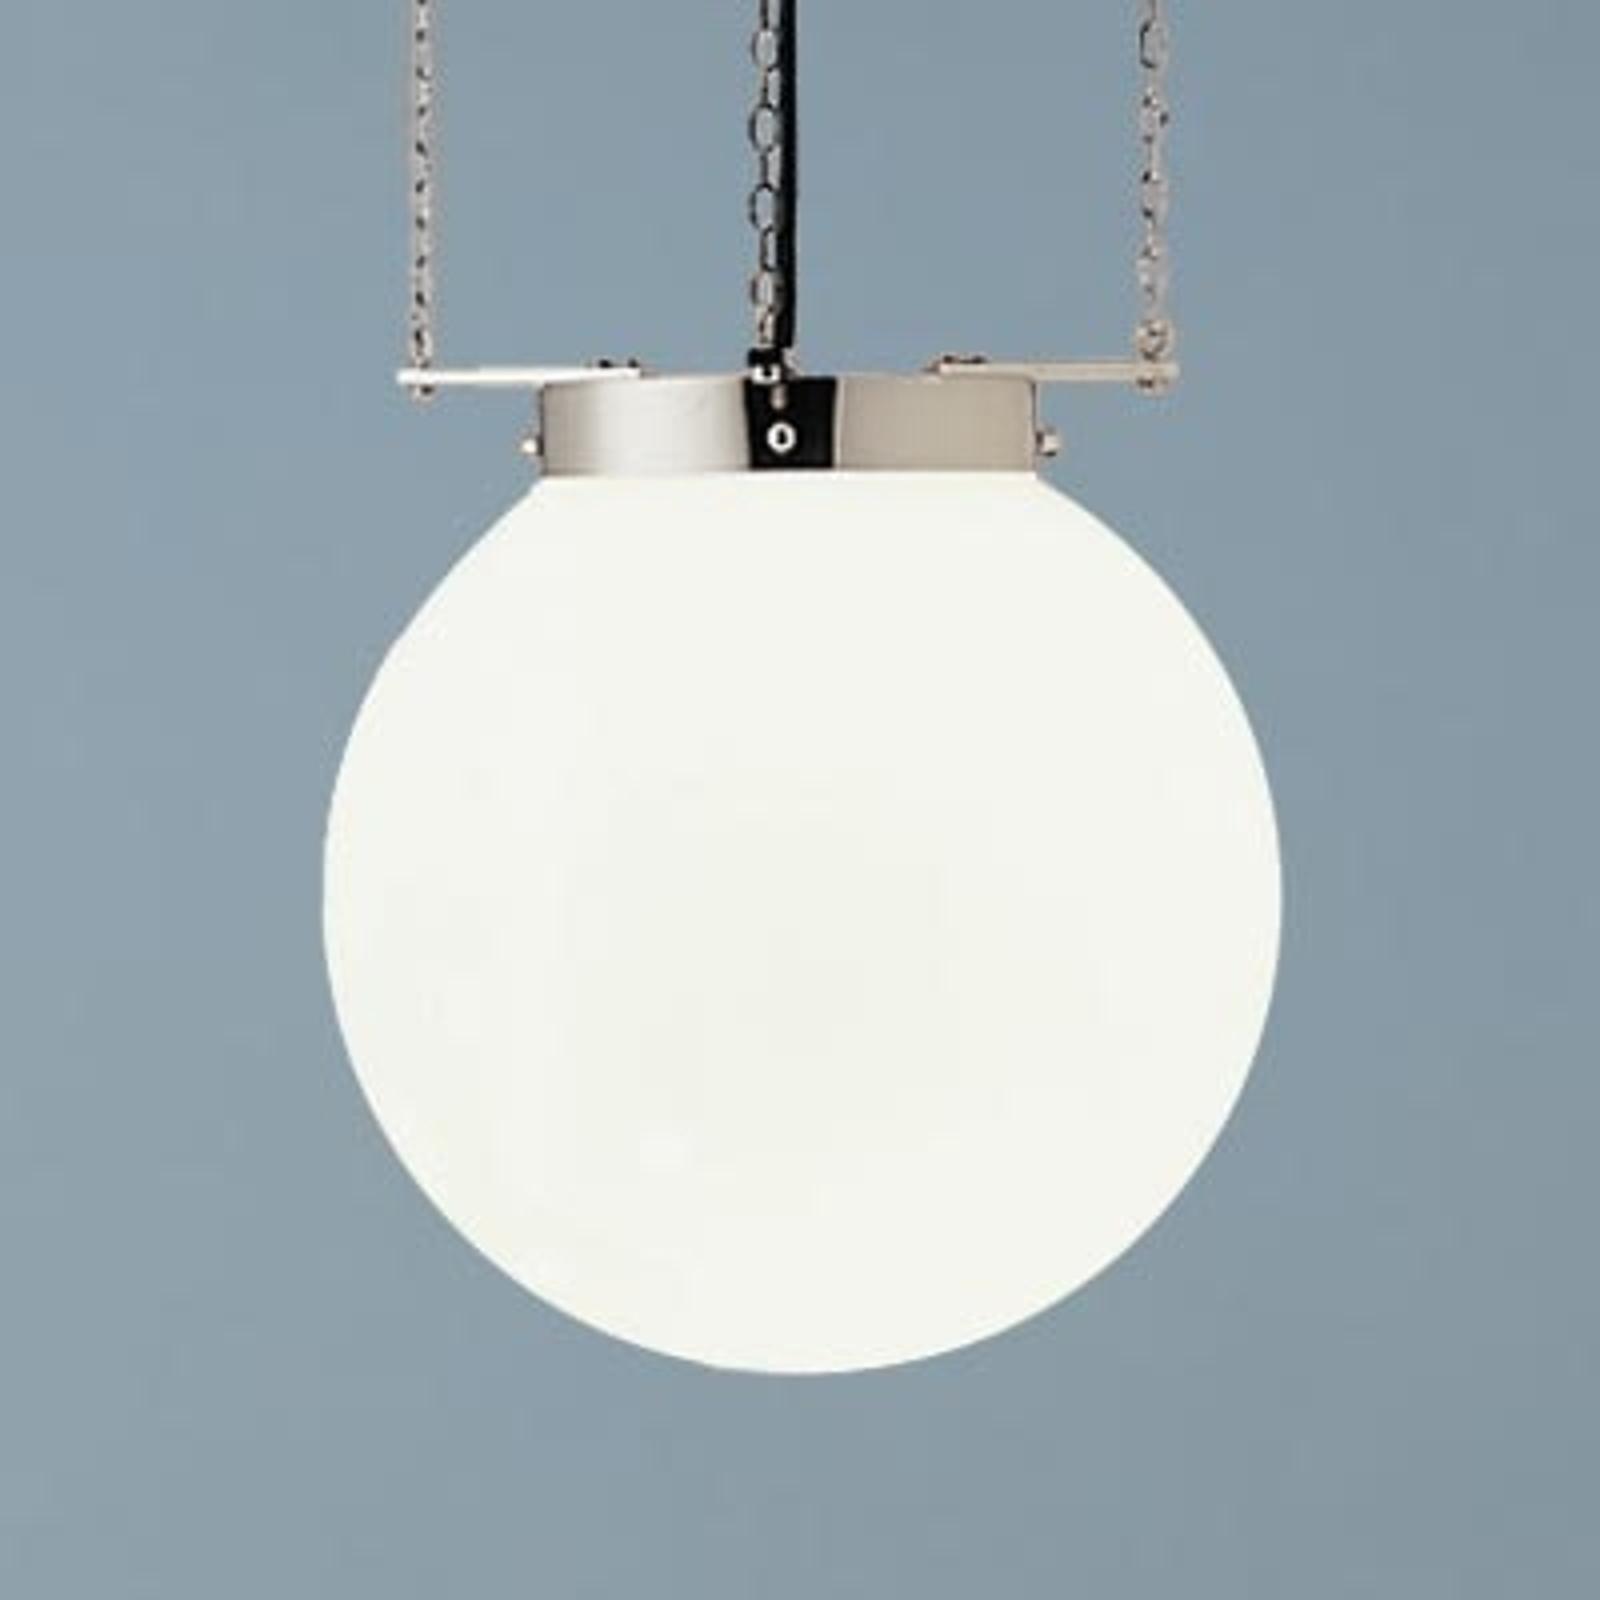 Hanglamp in Bauhaus-stijl, nikkel, 25 cm